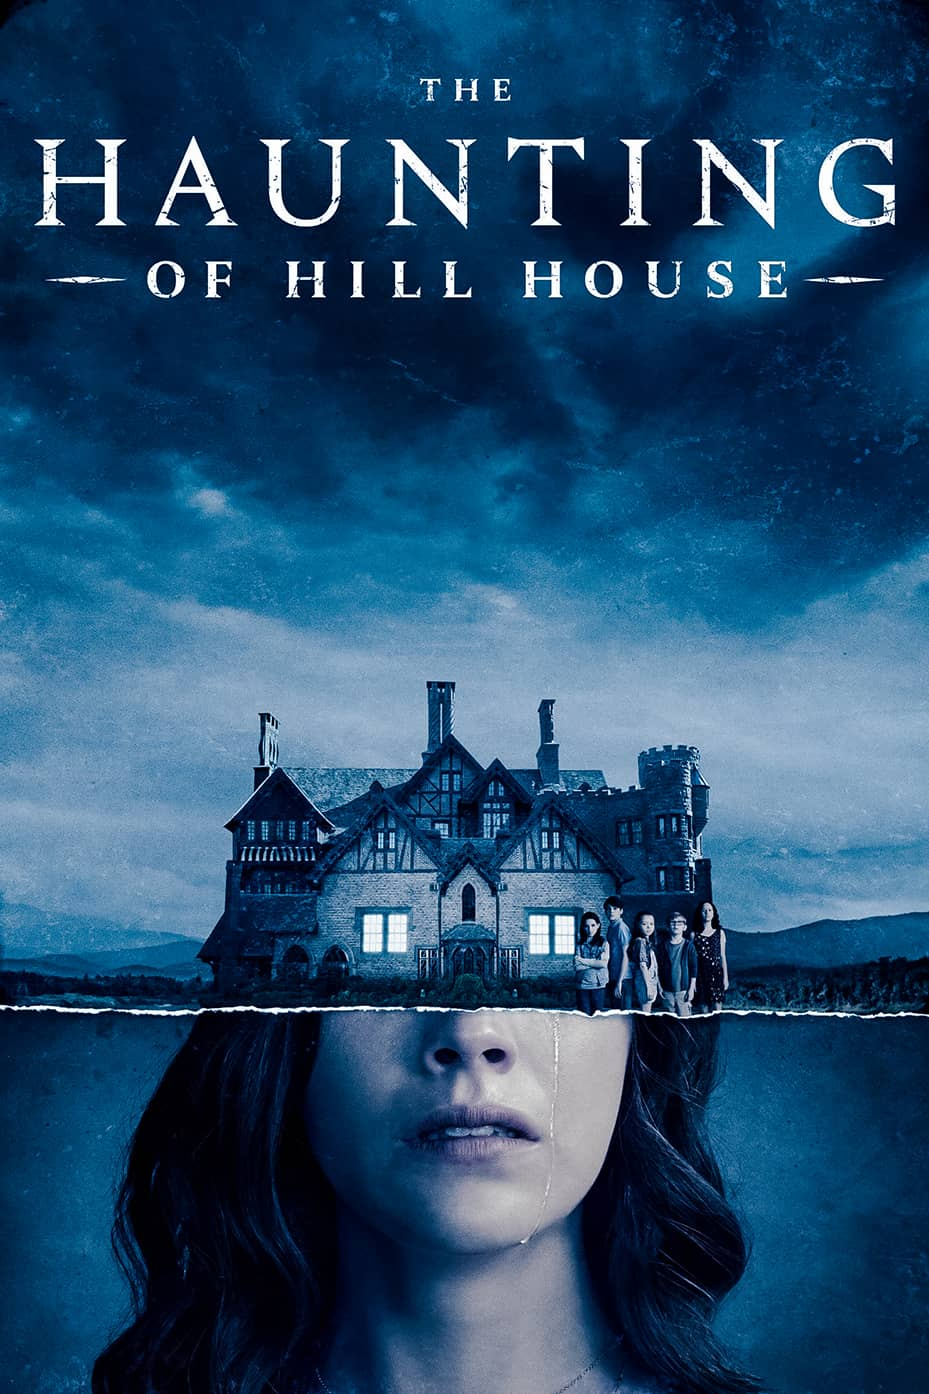 مسلسل The Haunting of Hill House الموسم الاول الحلقة 6 السادسة مترجمة